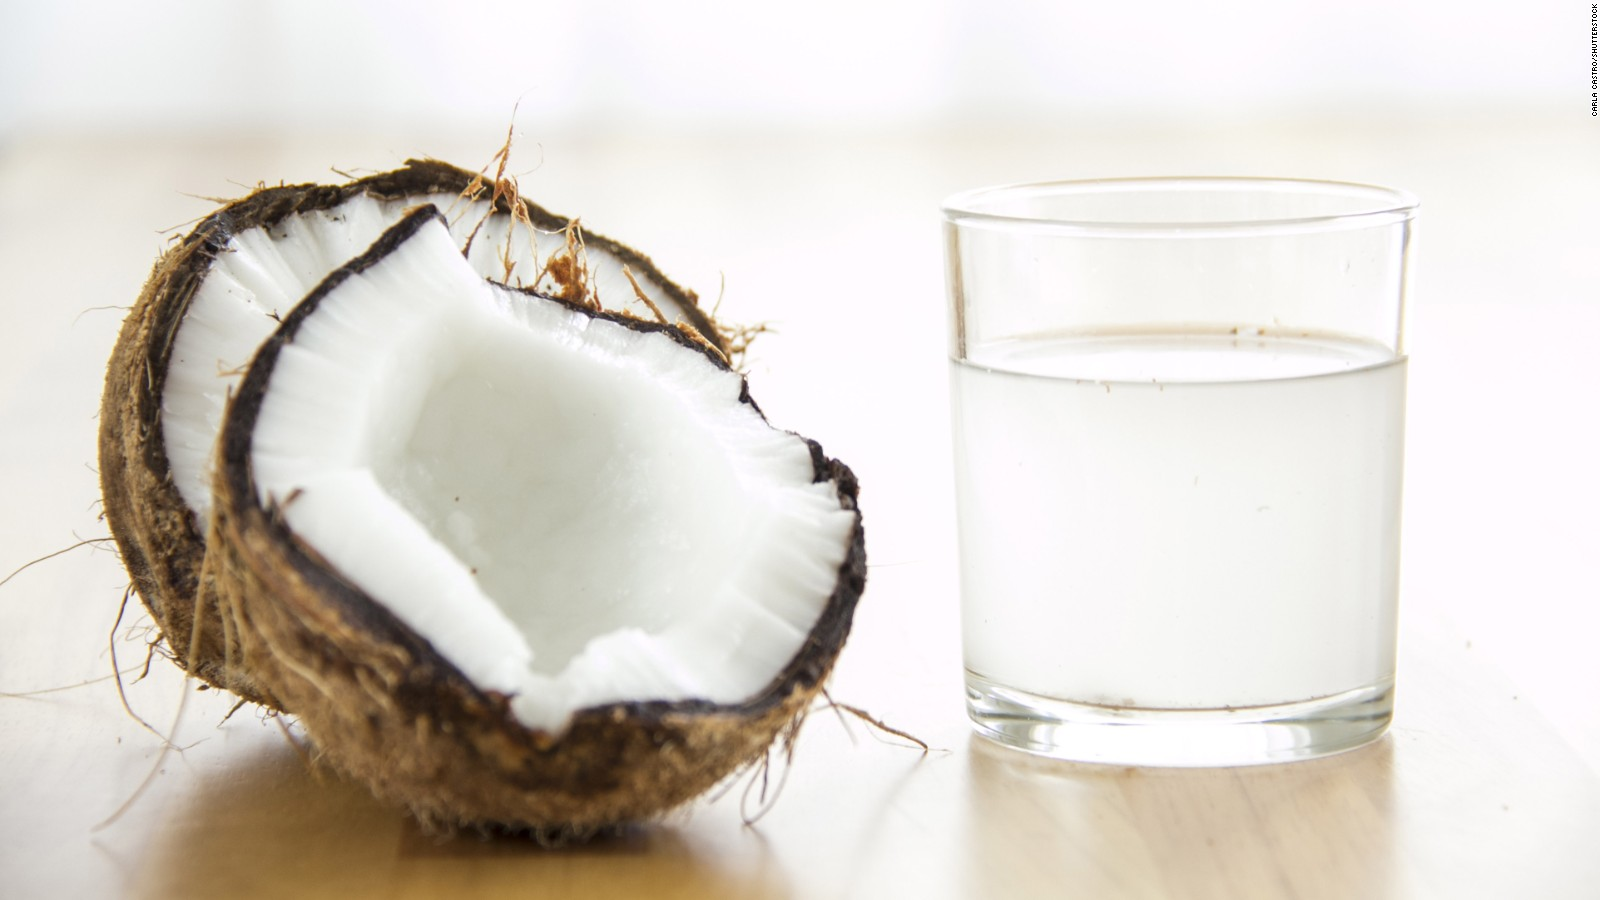 Qué tan ciertos son los beneficios del agua de coco? – CNN